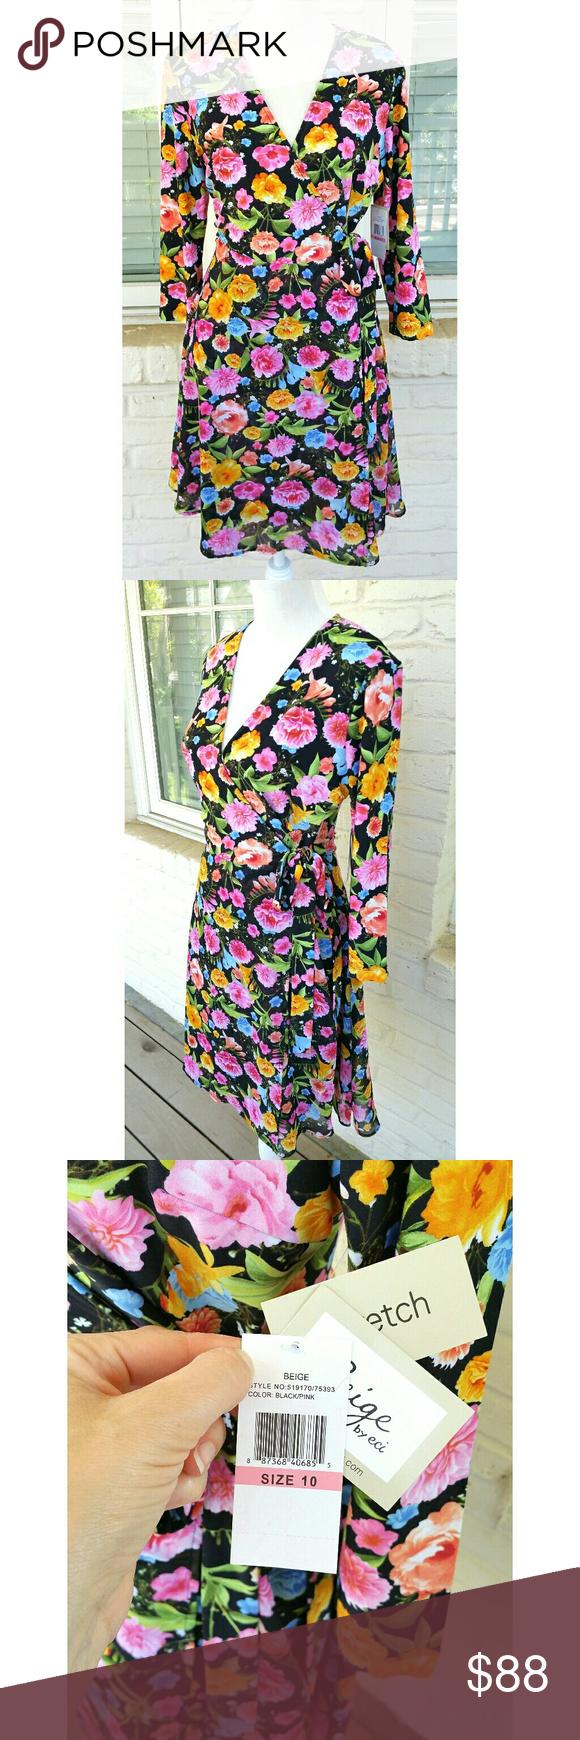 20++ Beige by eci dress ideas